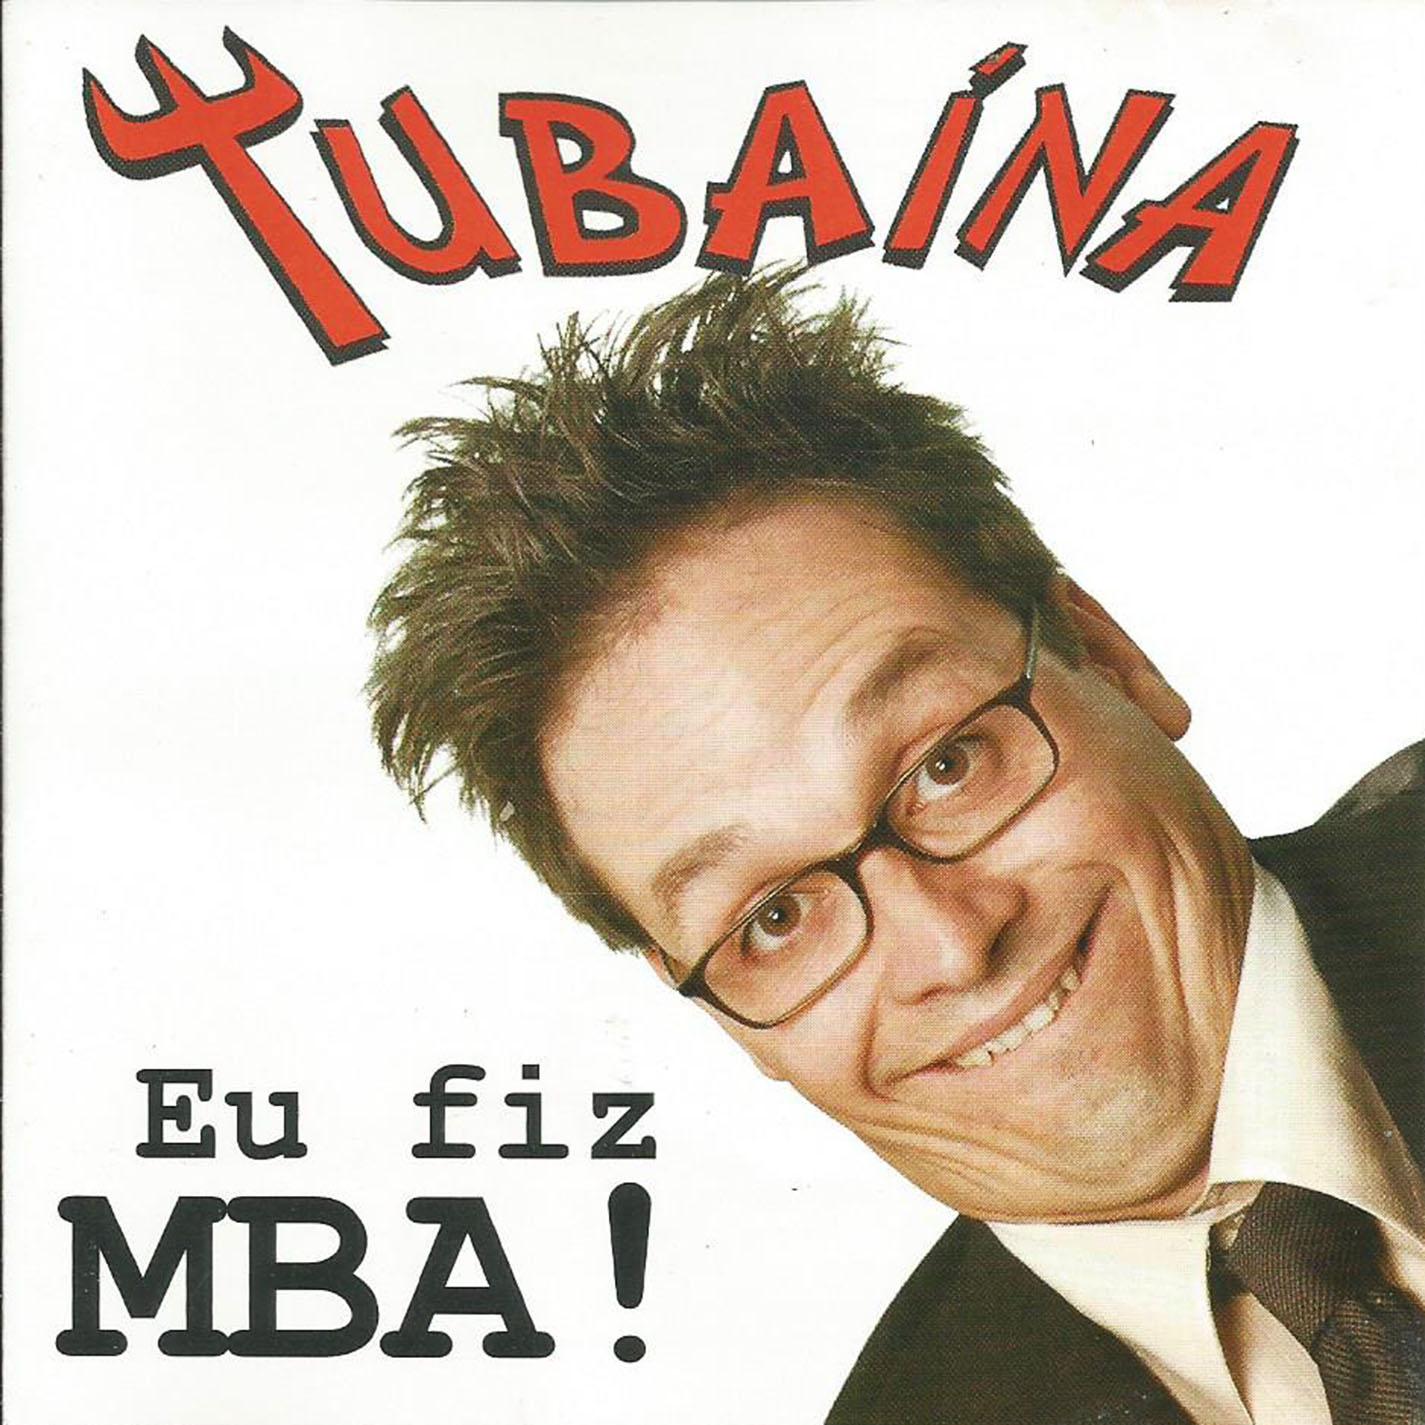 Eu fiz MBA!